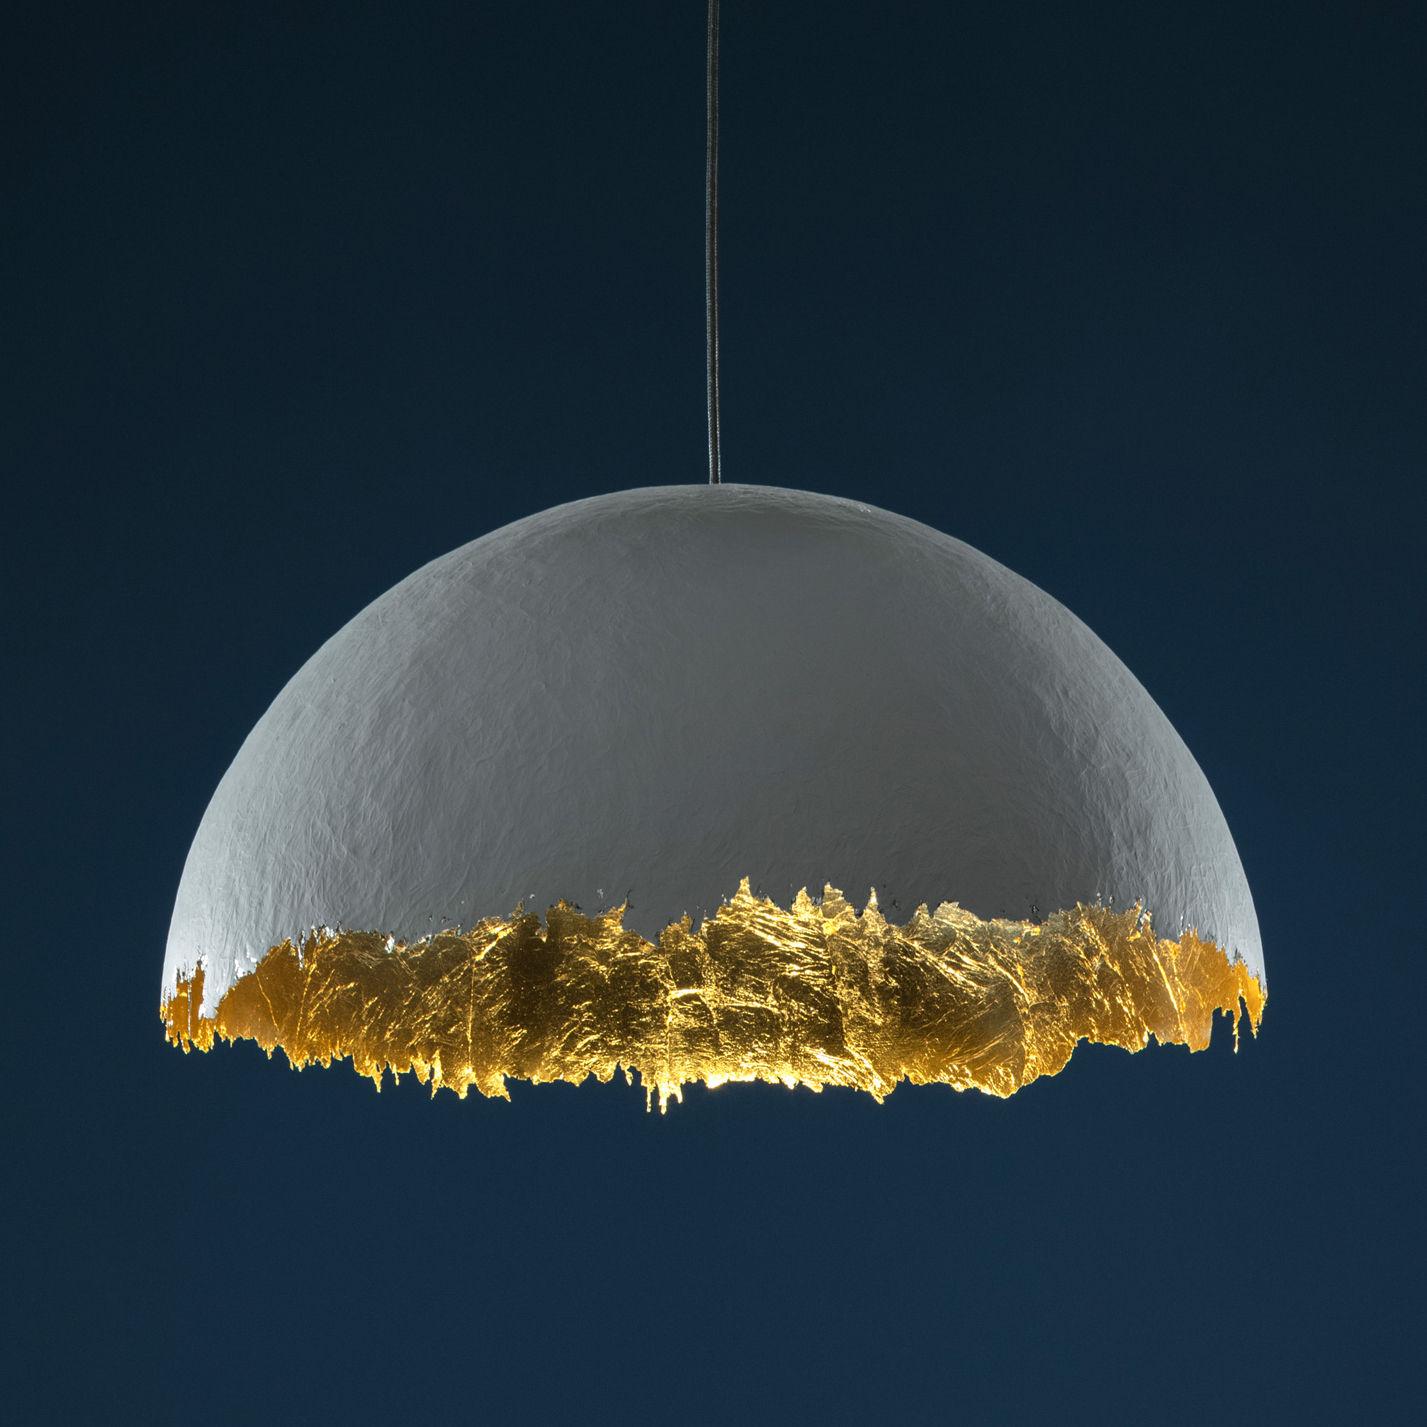 Illuminazione - Lampadari - Sospensione Suspension PostKrisi 49 - / Ø 80 cm di Catellani & Smith - Bianco / Interno oro - Fibra di vetro, Foglio d'oro